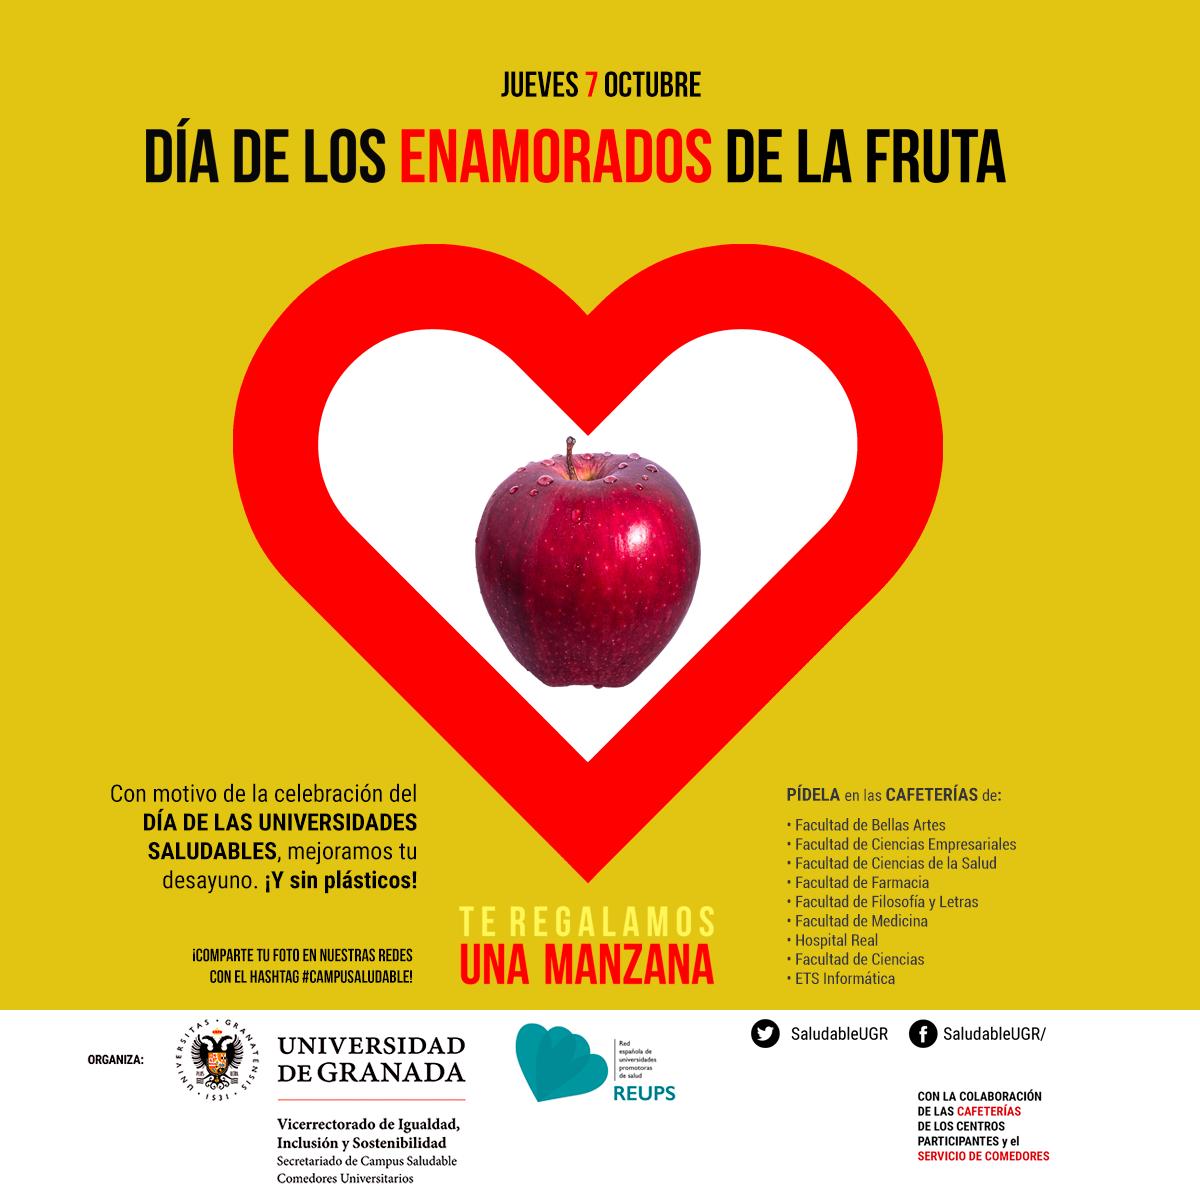 La UGR organiza entregas de fruta y donaciones de sangre con motivo del Día de las Universidades Saludables